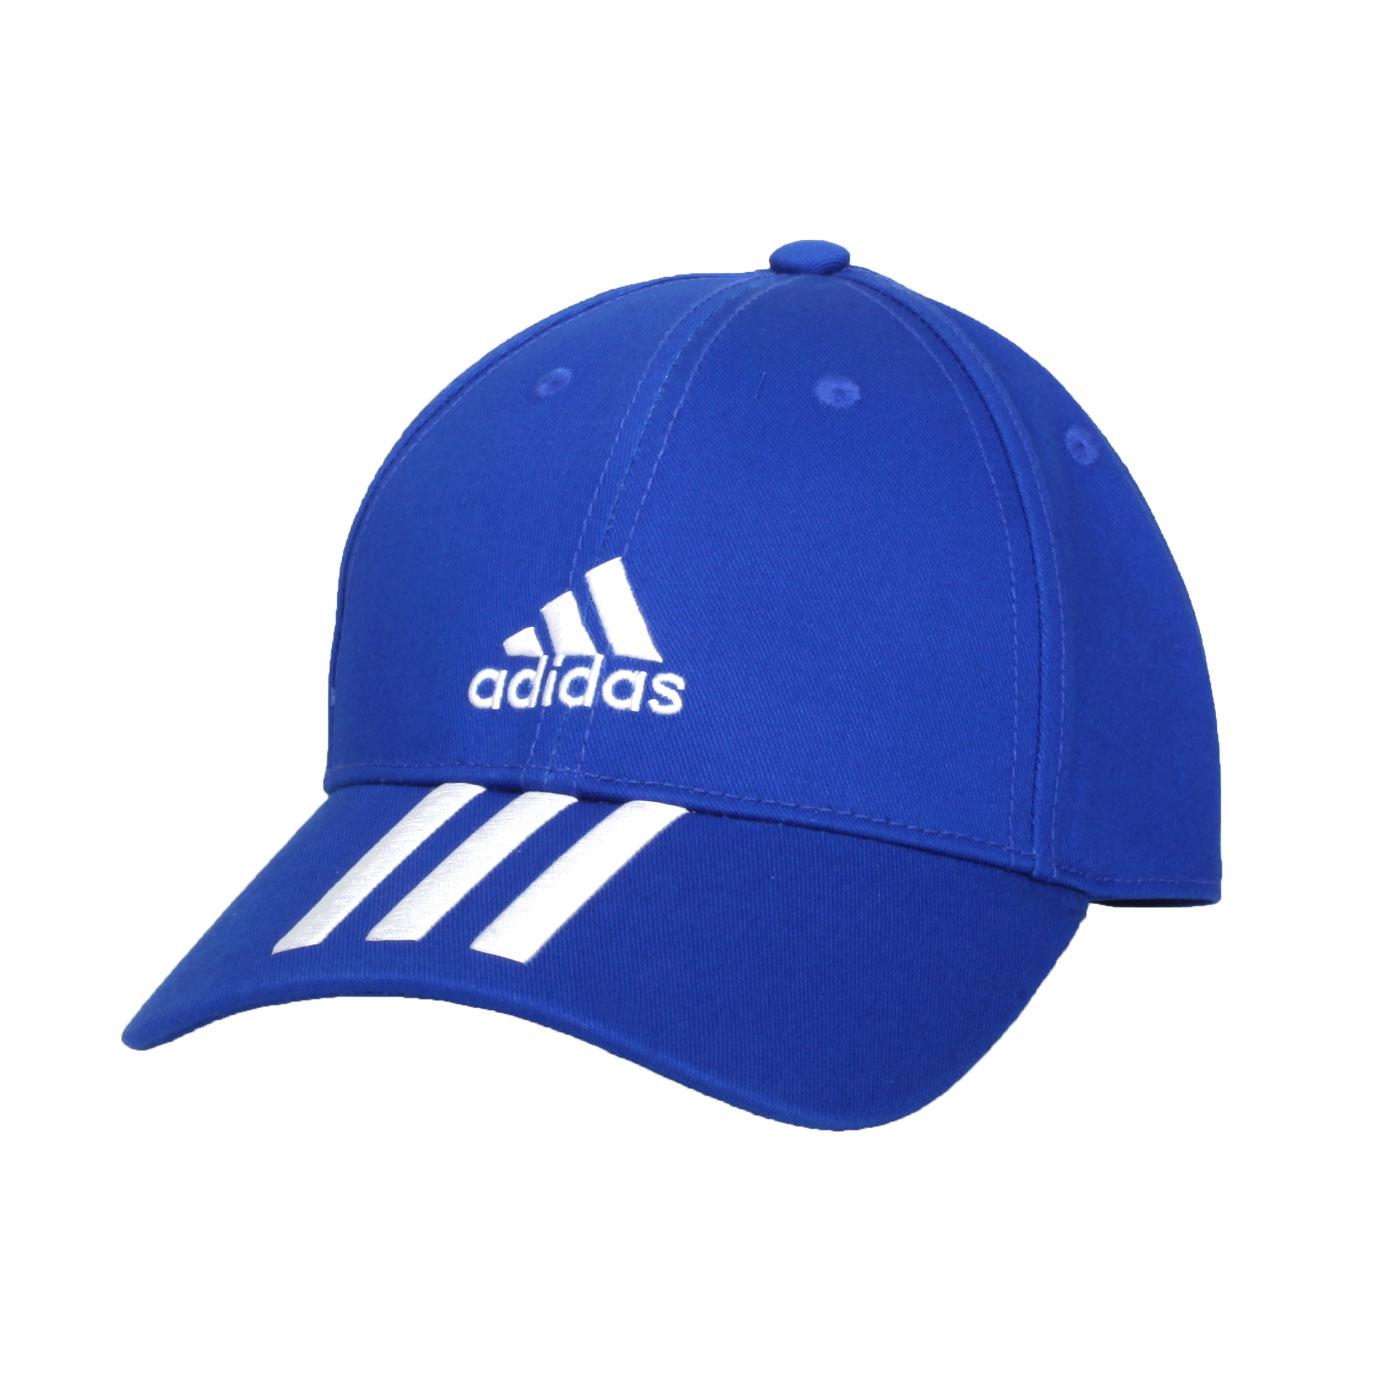 ADIDAS 帽子 DU1989